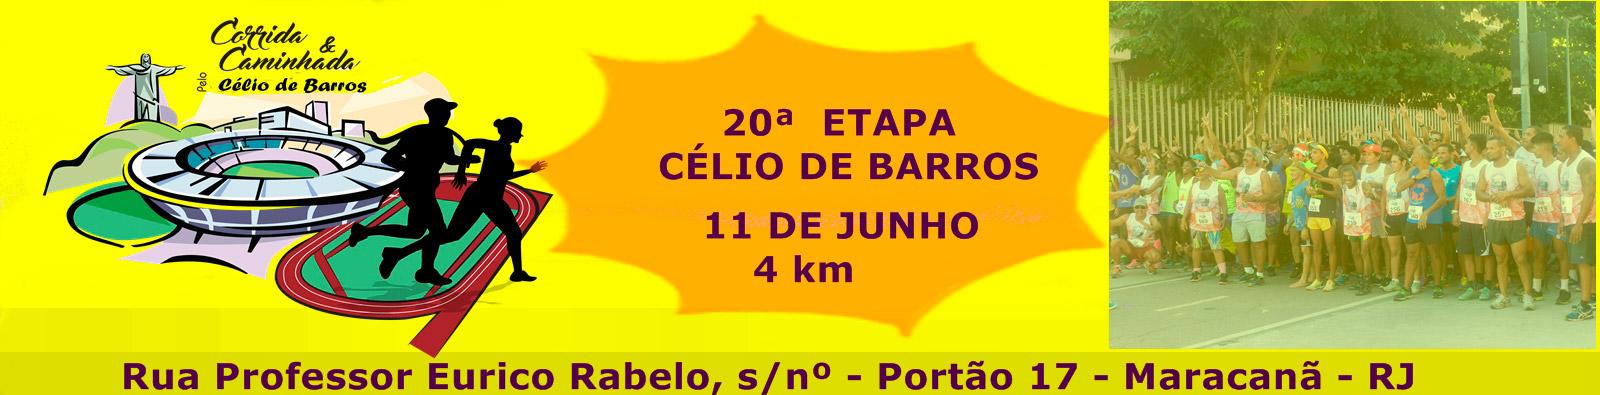 20ª CORRIDA E CAMINHADA DE CONFRATERNIZAÇÃO PELA RECONSTRUÇÃO DO ESTÁDIO DE ATLETISMO CÉLIO DE BARROS - Imagem de topo